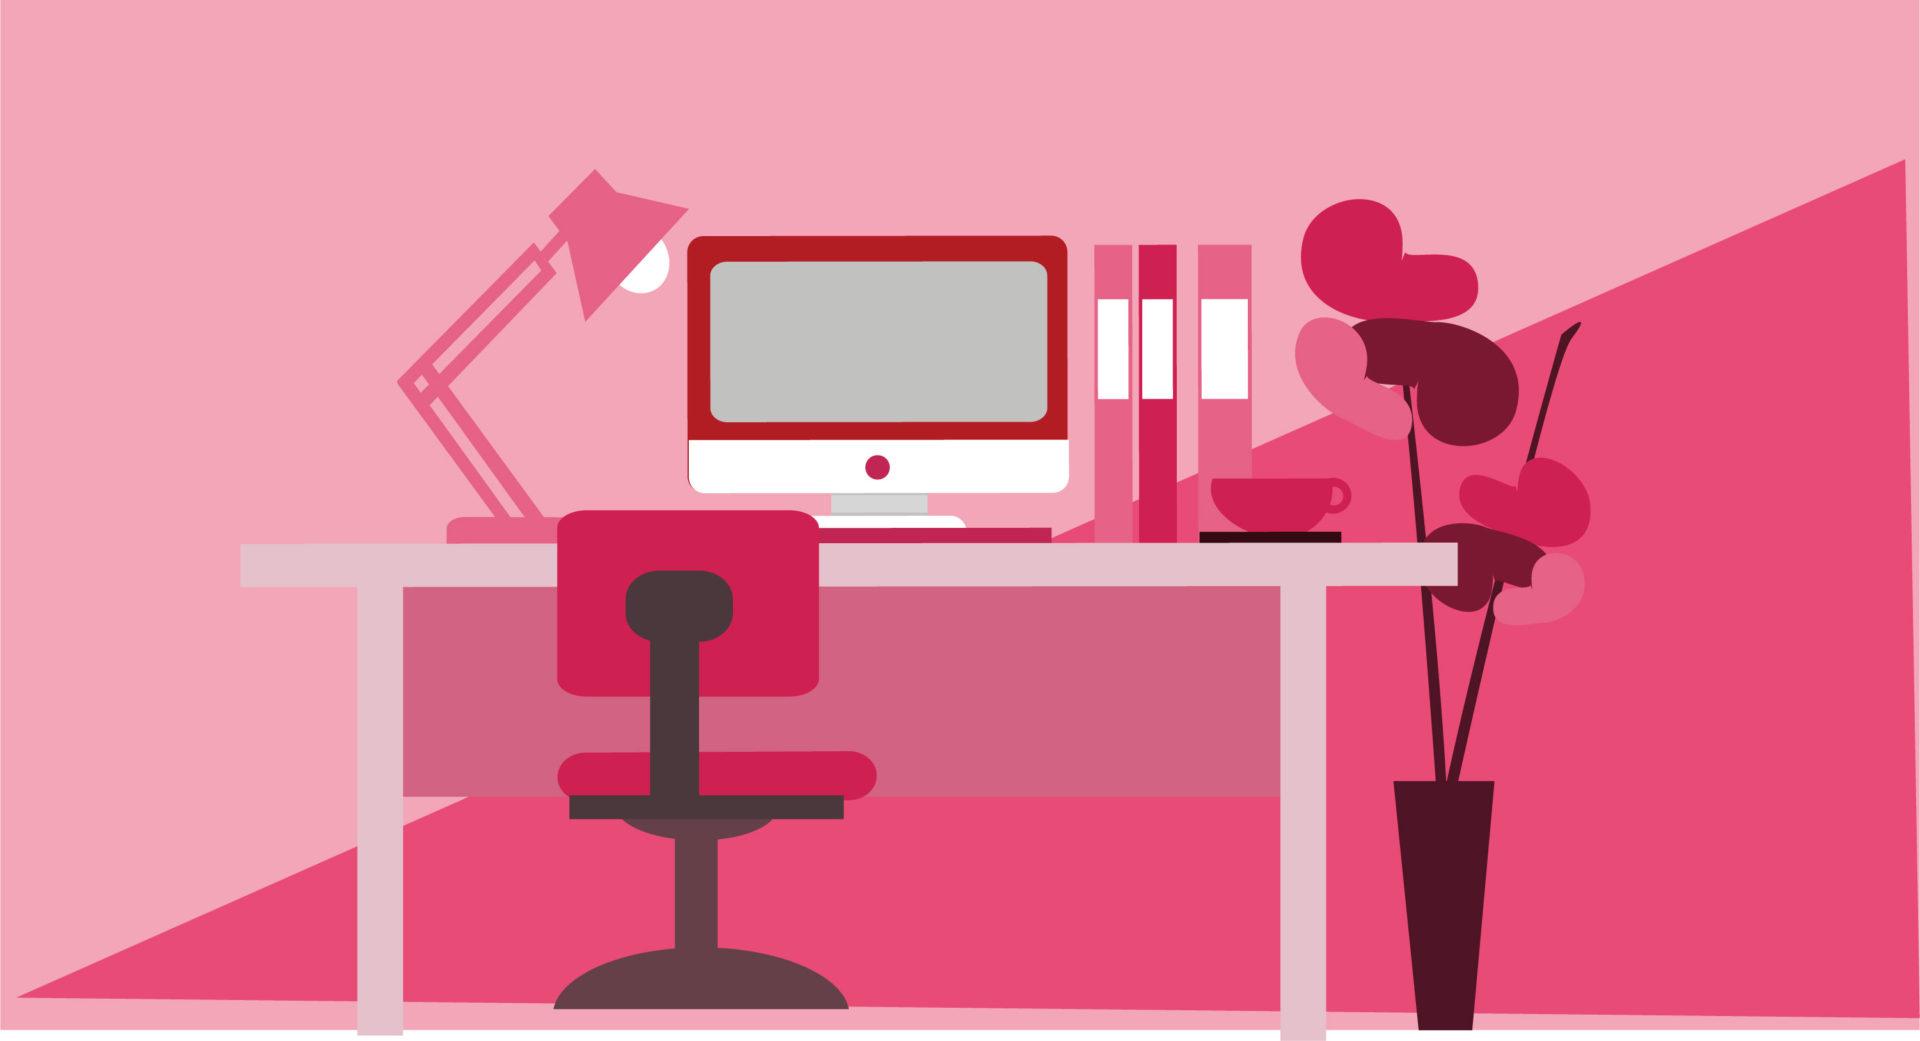 フラットデザインで描かれた仕事机